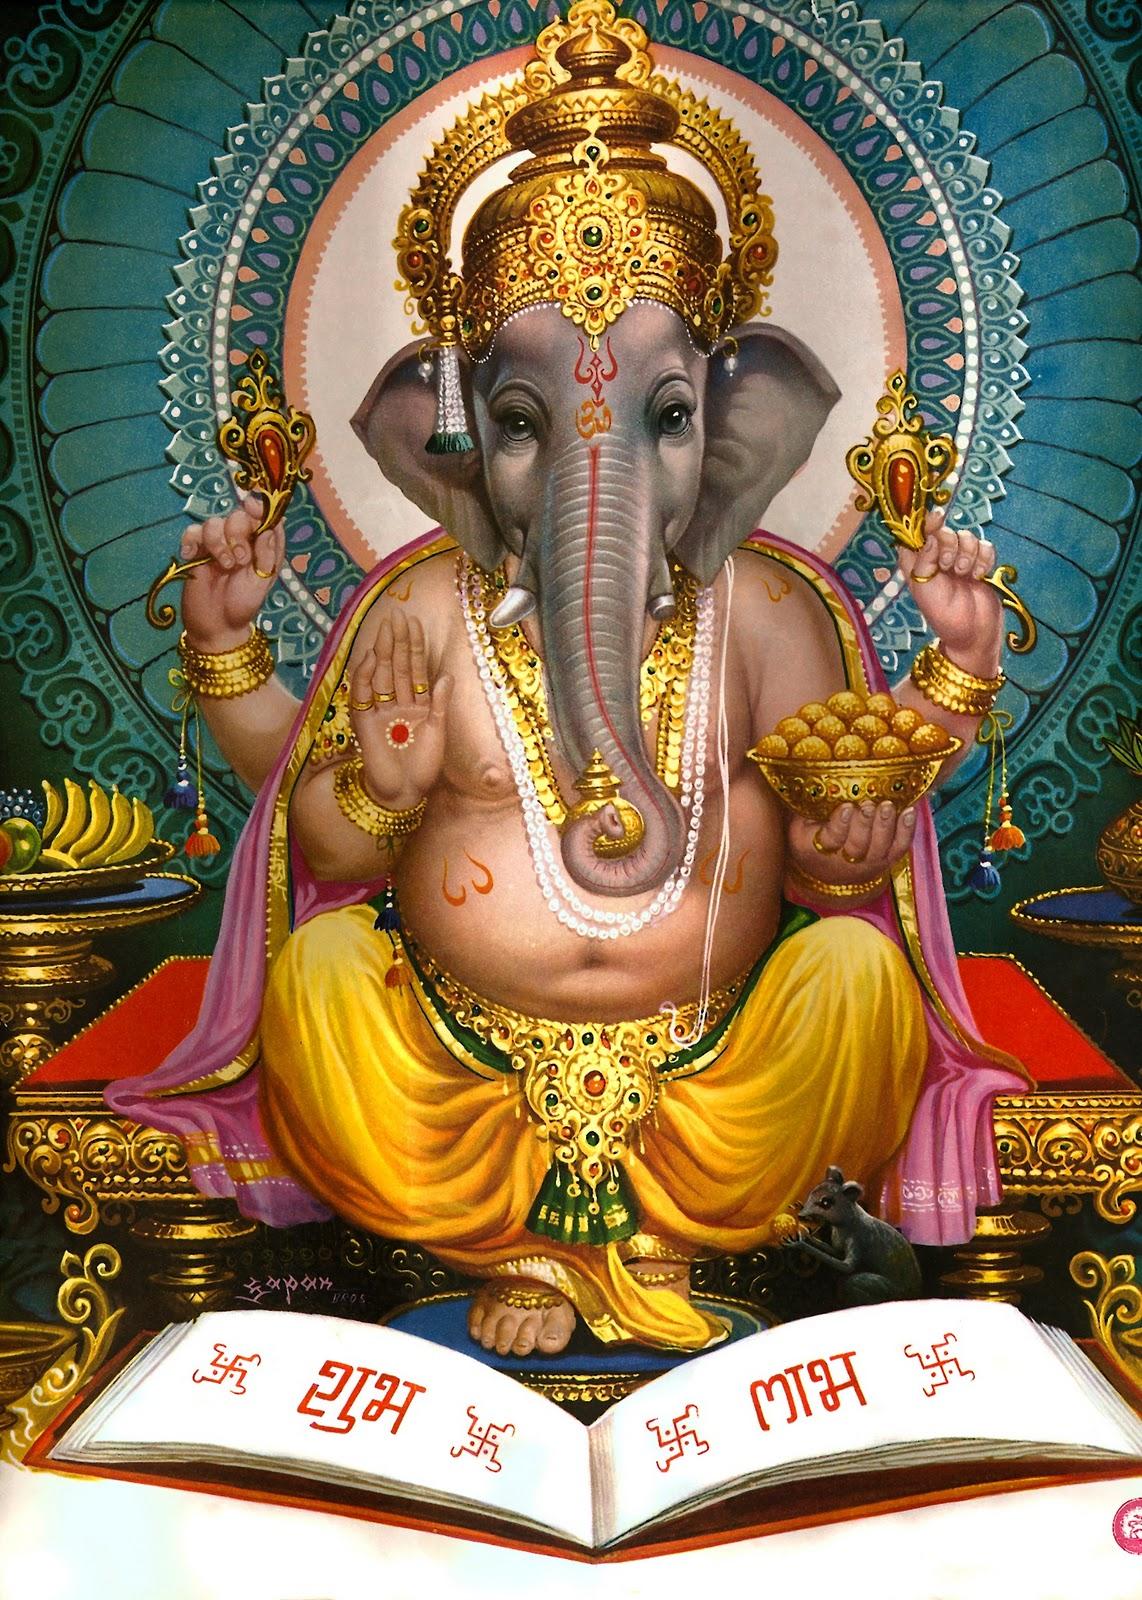 http://4.bp.blogspot.com/-aZOVF3uhyGk/Tn2XULn3P9I/AAAAAAAAASM/CjiGlPc6Iw0/s1600/Lord+Ganesha.jpg